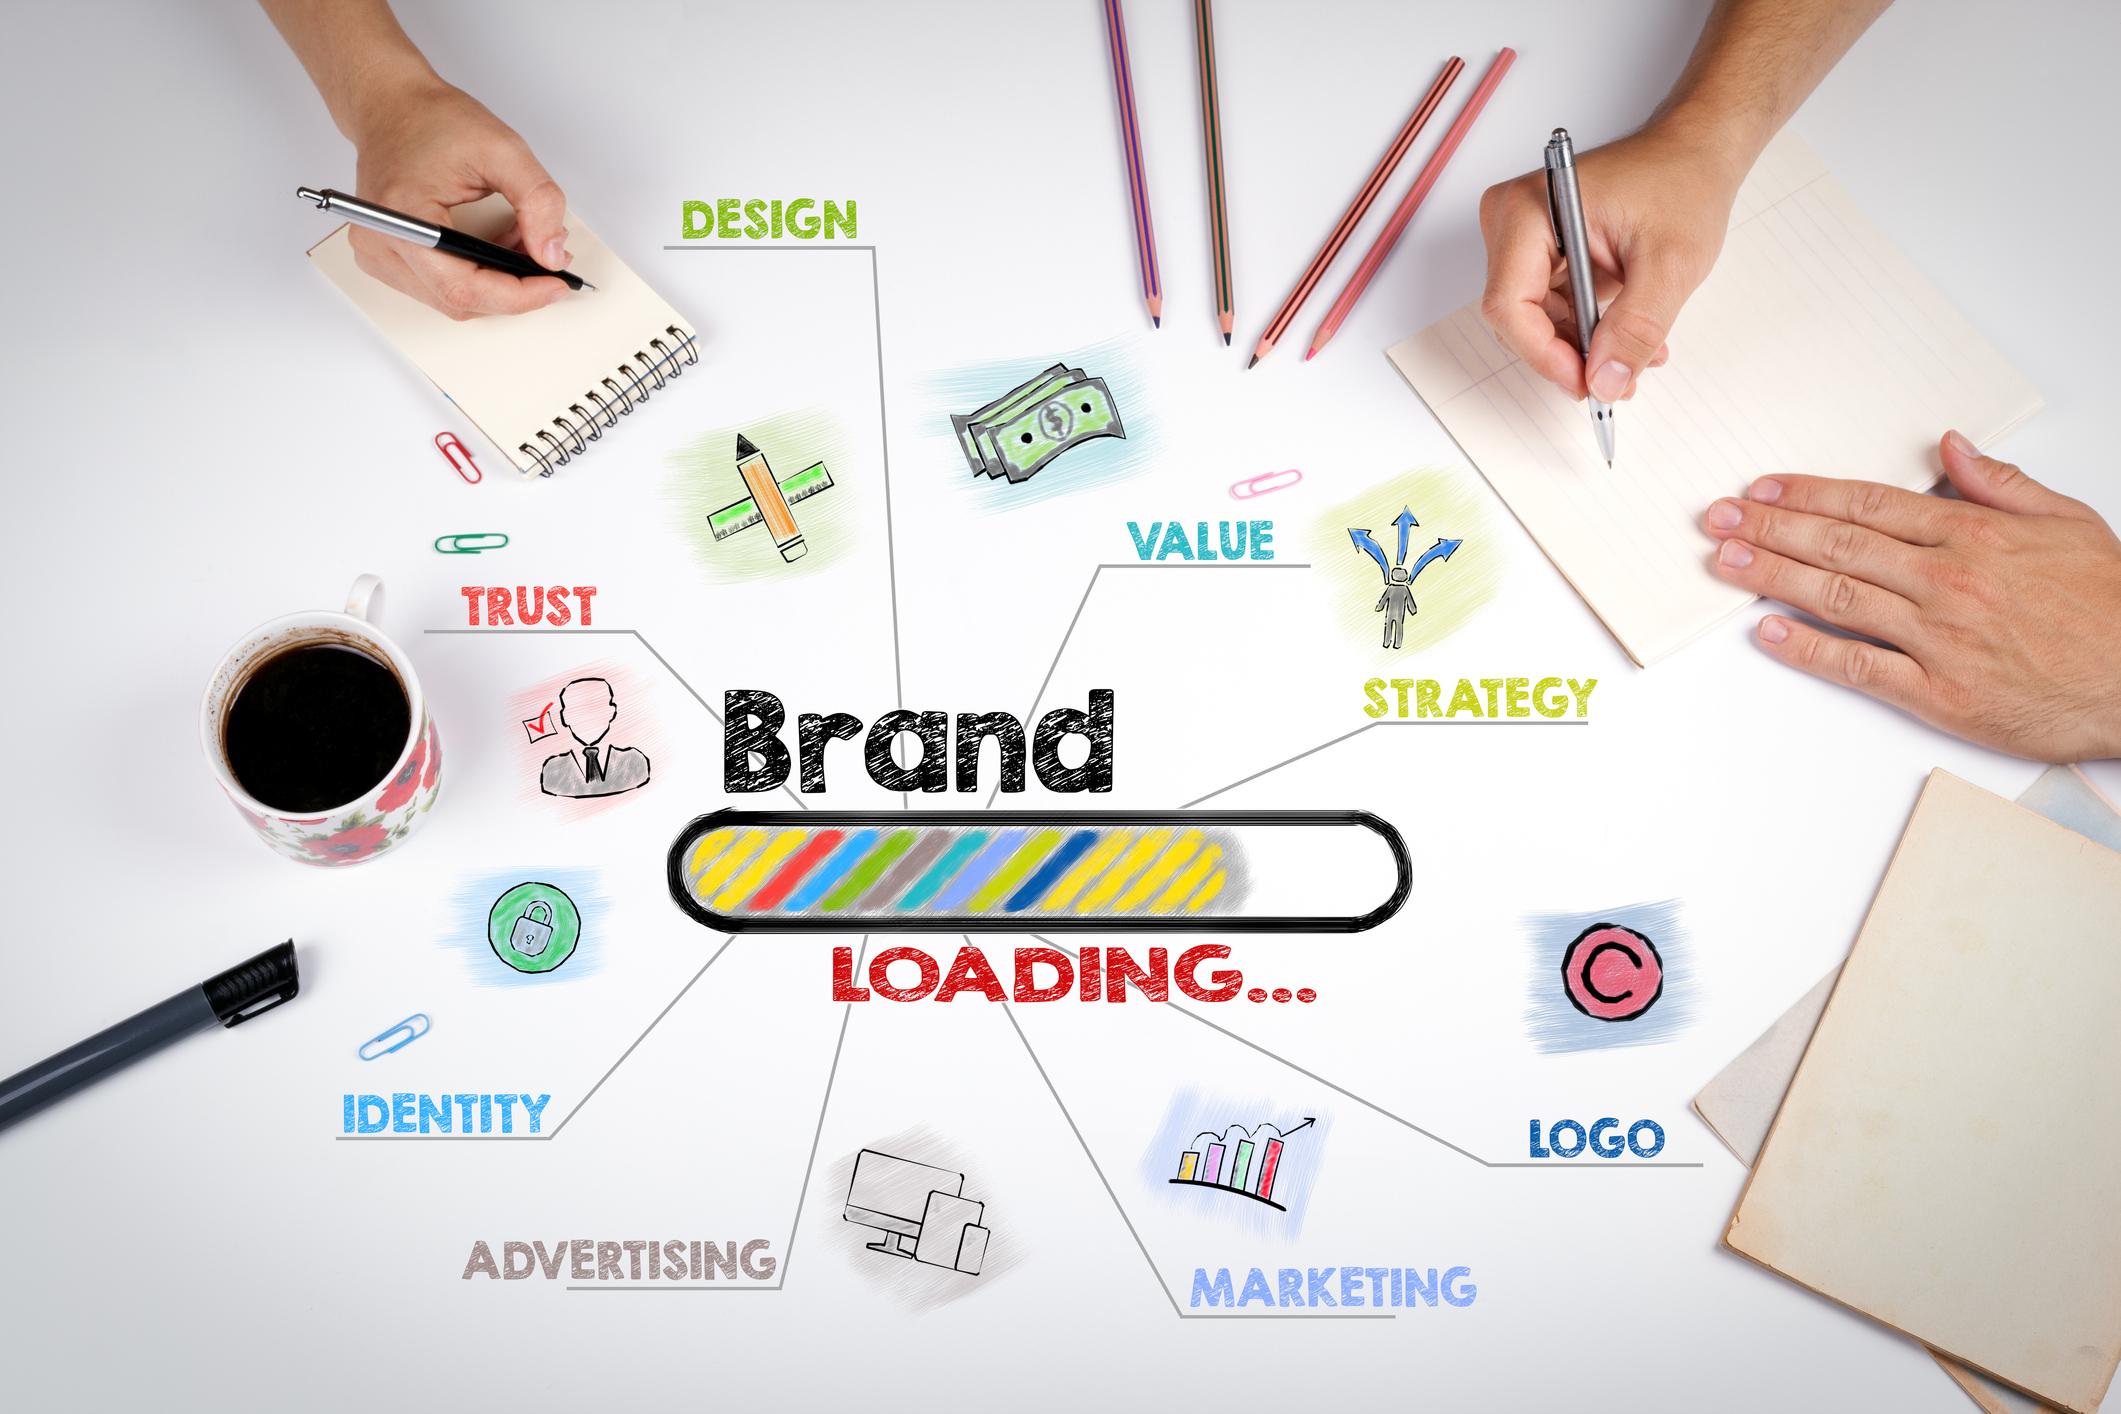 【商业计划书品牌策略】衡量小型企业品牌知名度的 3 种方法